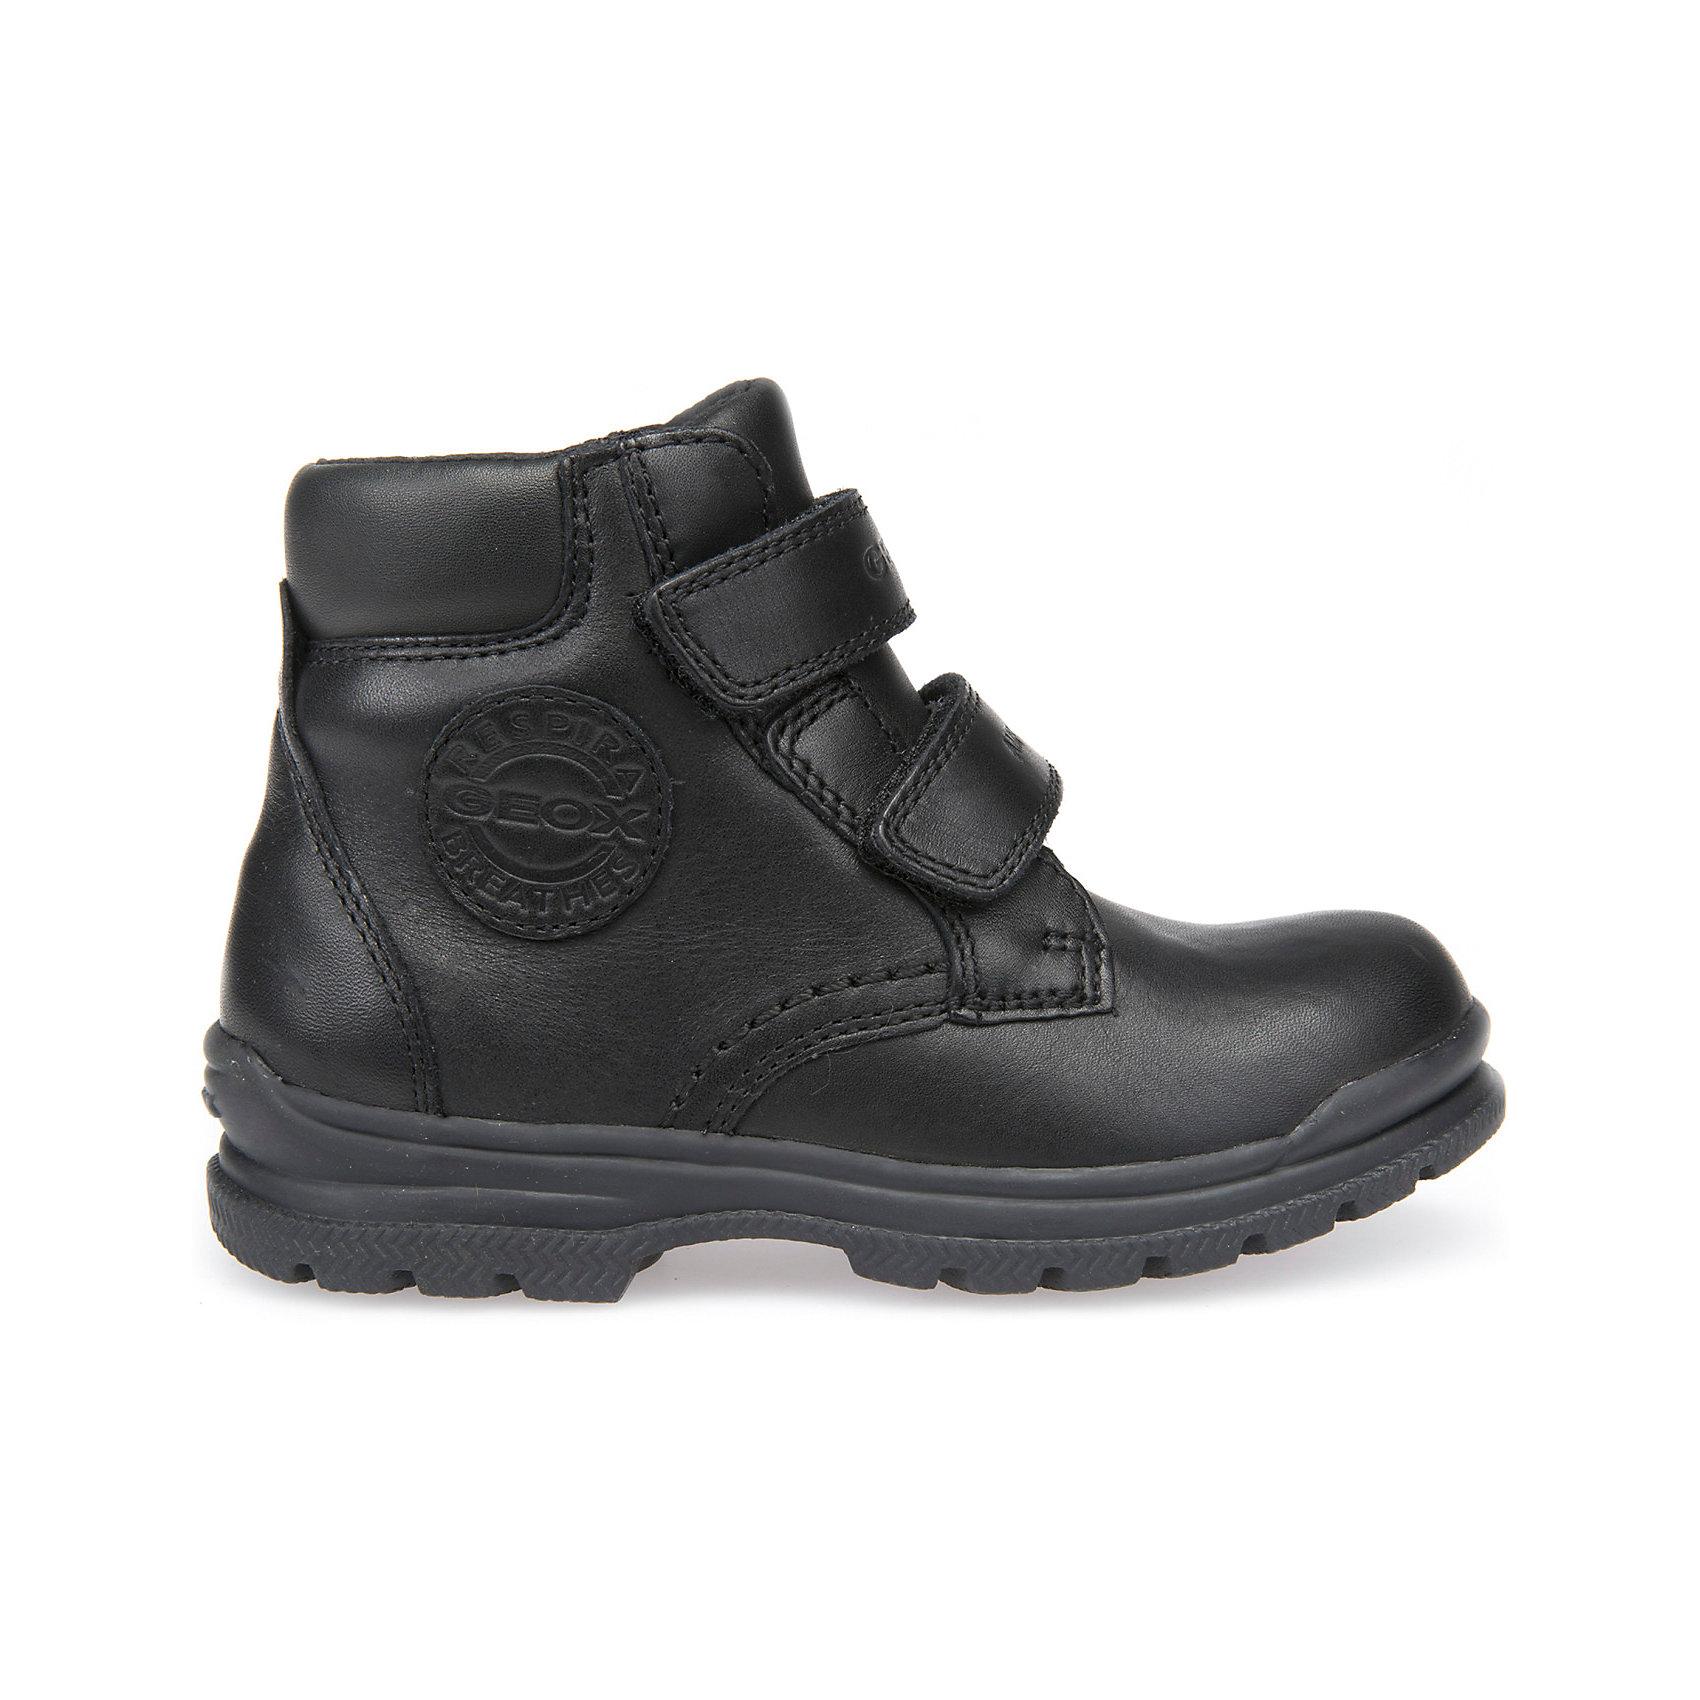 Ботинки для мальчика GeoxБотинки<br>Полусапоги GEOX (ГЕОКС)<br>Полусапоги для мальчика от GEOX (ГЕОКС) выполнены из натуральной кожи, внутренняя отделка и теплая стелька из текстиля. Влага не застаивается в обуви, благодаря чему создается идеальный микроклимат, который держит ноги теплыми и сухими и позволяет им дышать естественно. Застежки-липучки облегчают снимание и надевание обуви и надежно фиксируют ее на ногах. Колодка соответствует анатомическим особенностям строения детской стопы. Качественная амортизация снижает нагрузку на суставы. Запатентованная гибкая перфорированная подошва со специальной микропористой мембраной обеспечивает естественное дыхание обуви, не пропускает воду.<br><br>Дополнительная информация:<br><br>- Сезон: демисезон<br>- Цвет: черный<br>- Материал верха: натуральная кожа<br>- Внутренний материал: текстиль<br>- Материал стельки: текстиль<br>- Материал подошвы: резина<br>- Высота голенища/задника: 9,7 см.<br>- Тип застежки: липучки<br>- Технология Amphibiox<br>- Материалы и продукция прошли специальную проверку T?V S?D, на отсутствие веществ, опасных для здоровья покупателей<br><br>Полусапоги GEOX (ГЕОКС) можно купить в нашем интернет-магазине.<br><br>Ширина мм: 257<br>Глубина мм: 180<br>Высота мм: 130<br>Вес г: 420<br>Цвет: черный<br>Возраст от месяцев: 48<br>Возраст до месяцев: 60<br>Пол: Мужской<br>Возраст: Детский<br>Размер: 28,34,29,30,31,32,33<br>SKU: 4968319